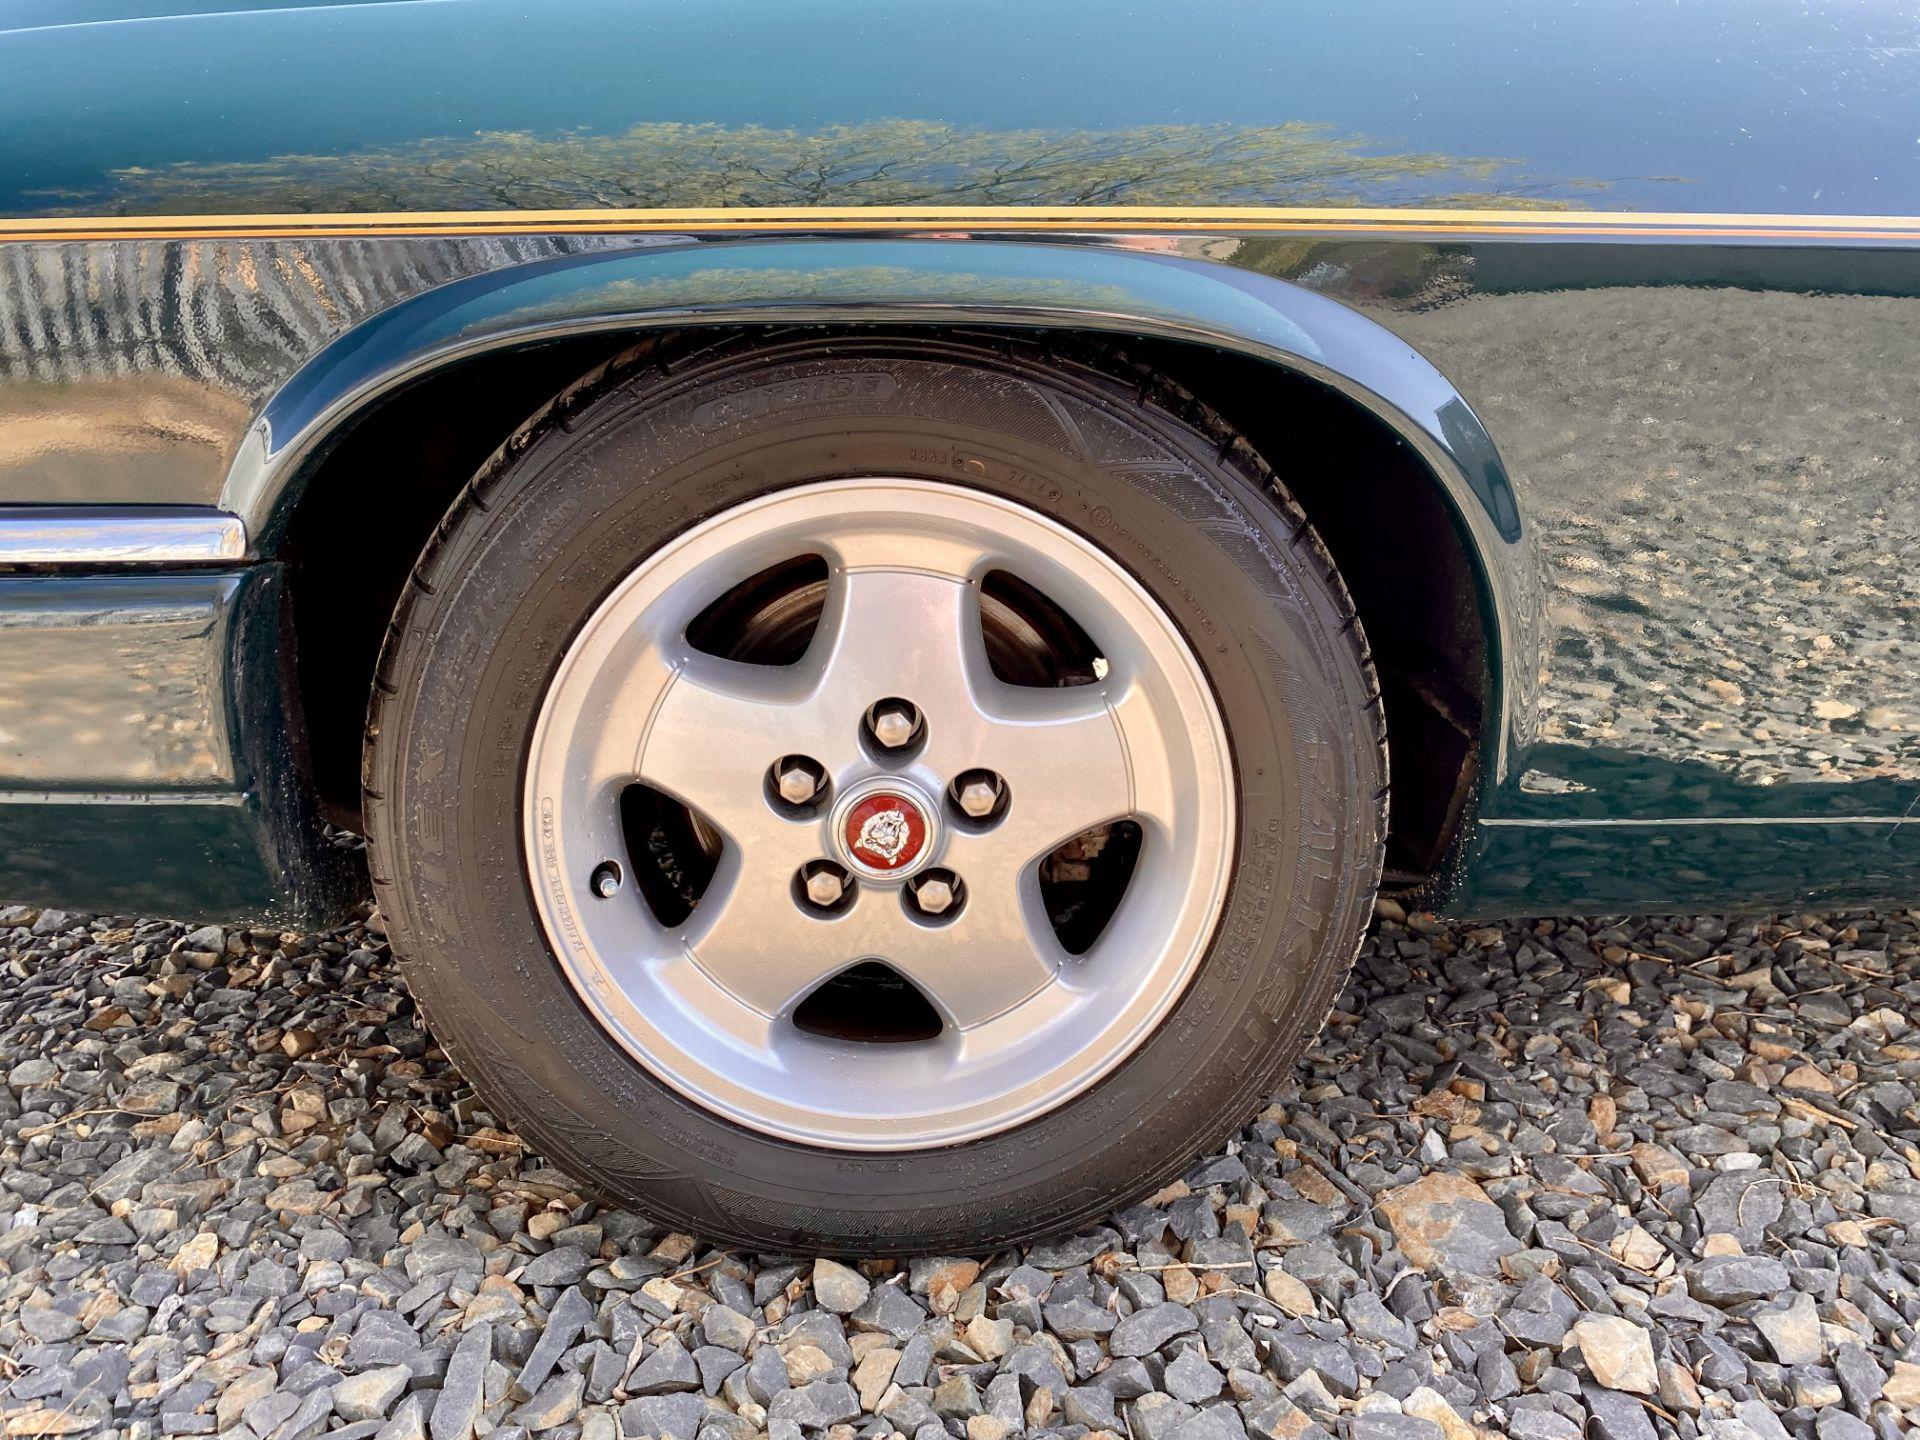 Jaguar XJS coupe - Image 31 of 64